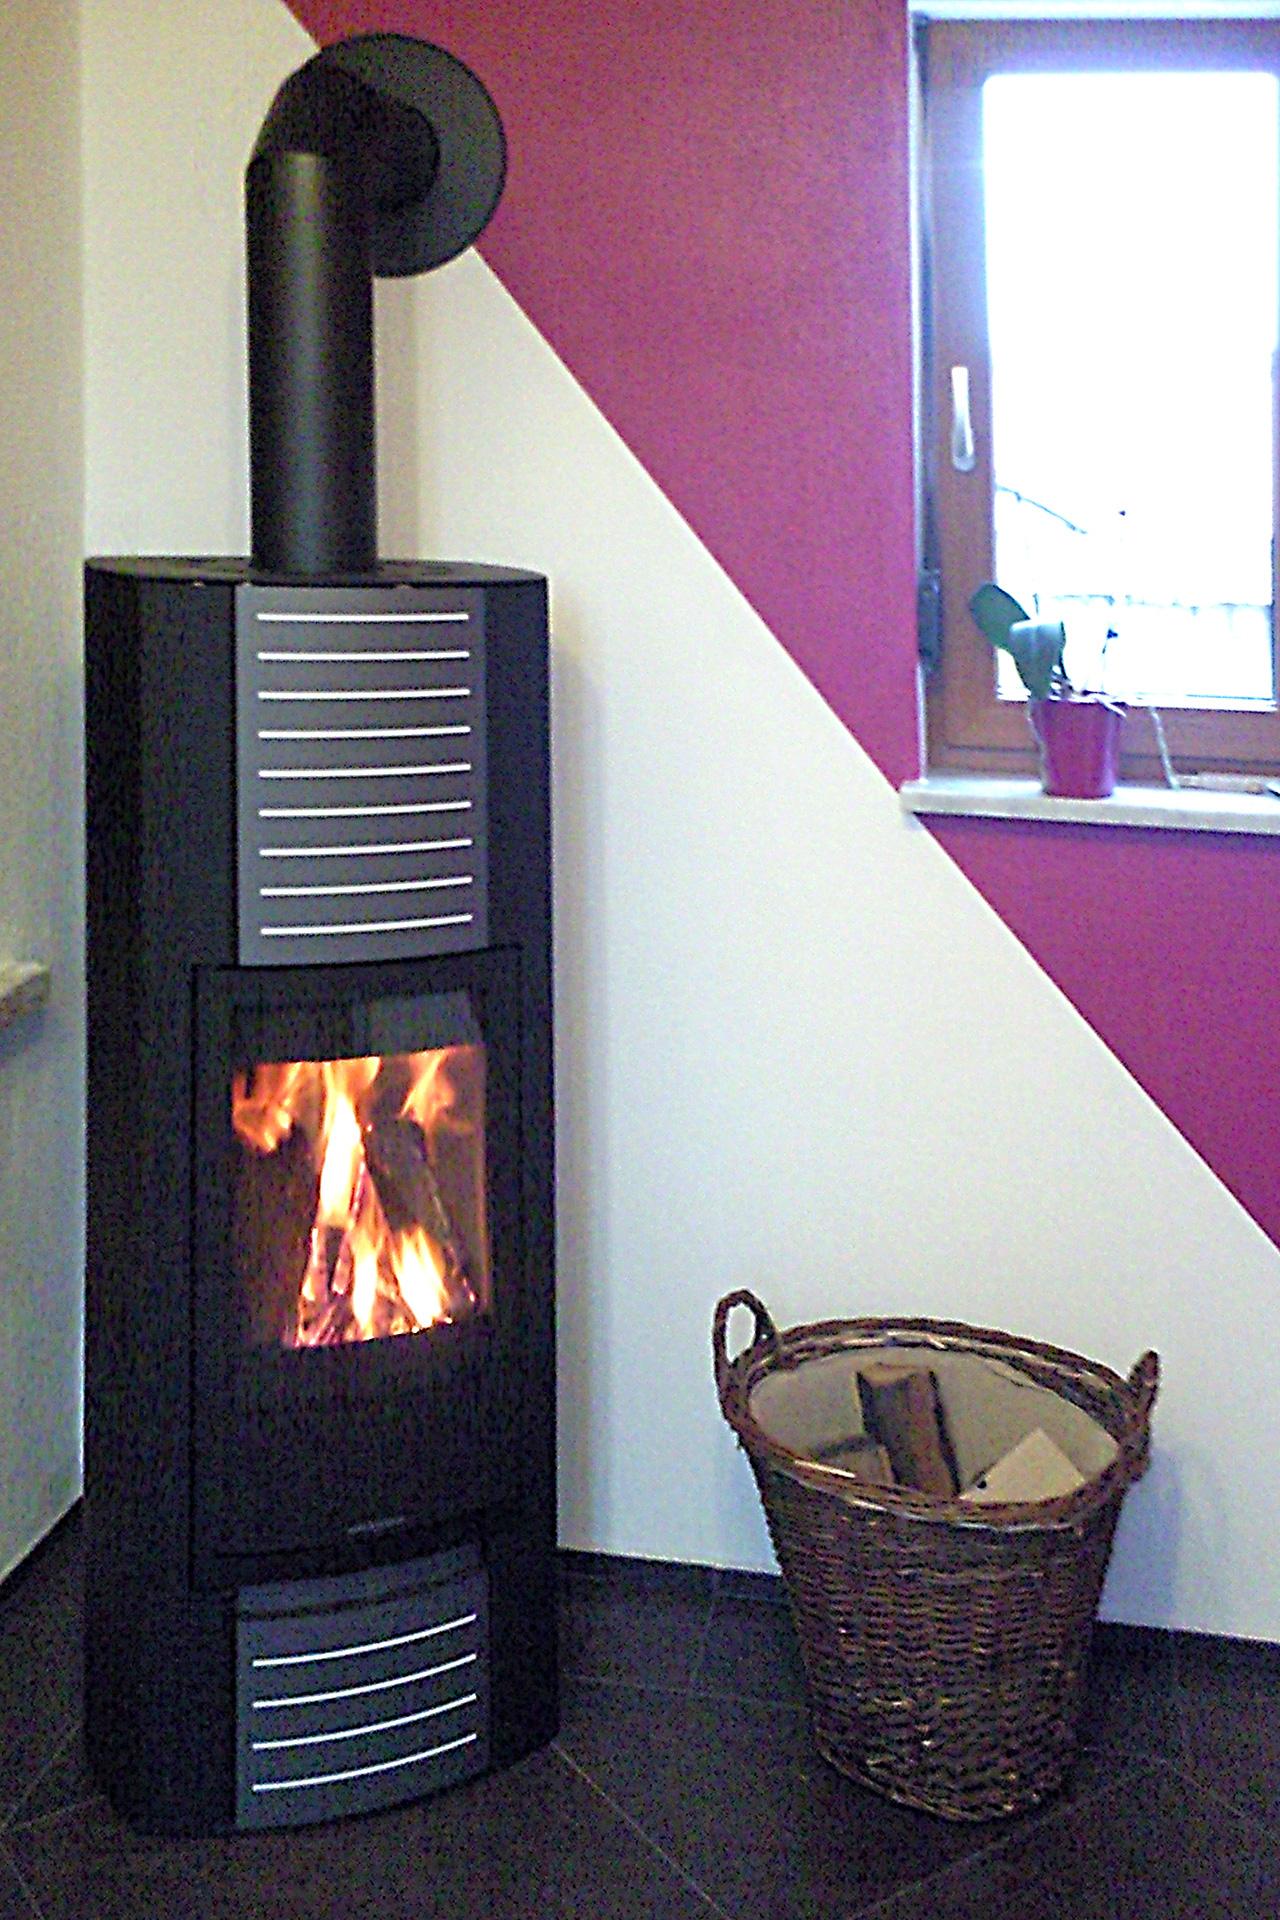 Referenz Ofen- und Kaminbau, Bild 0260